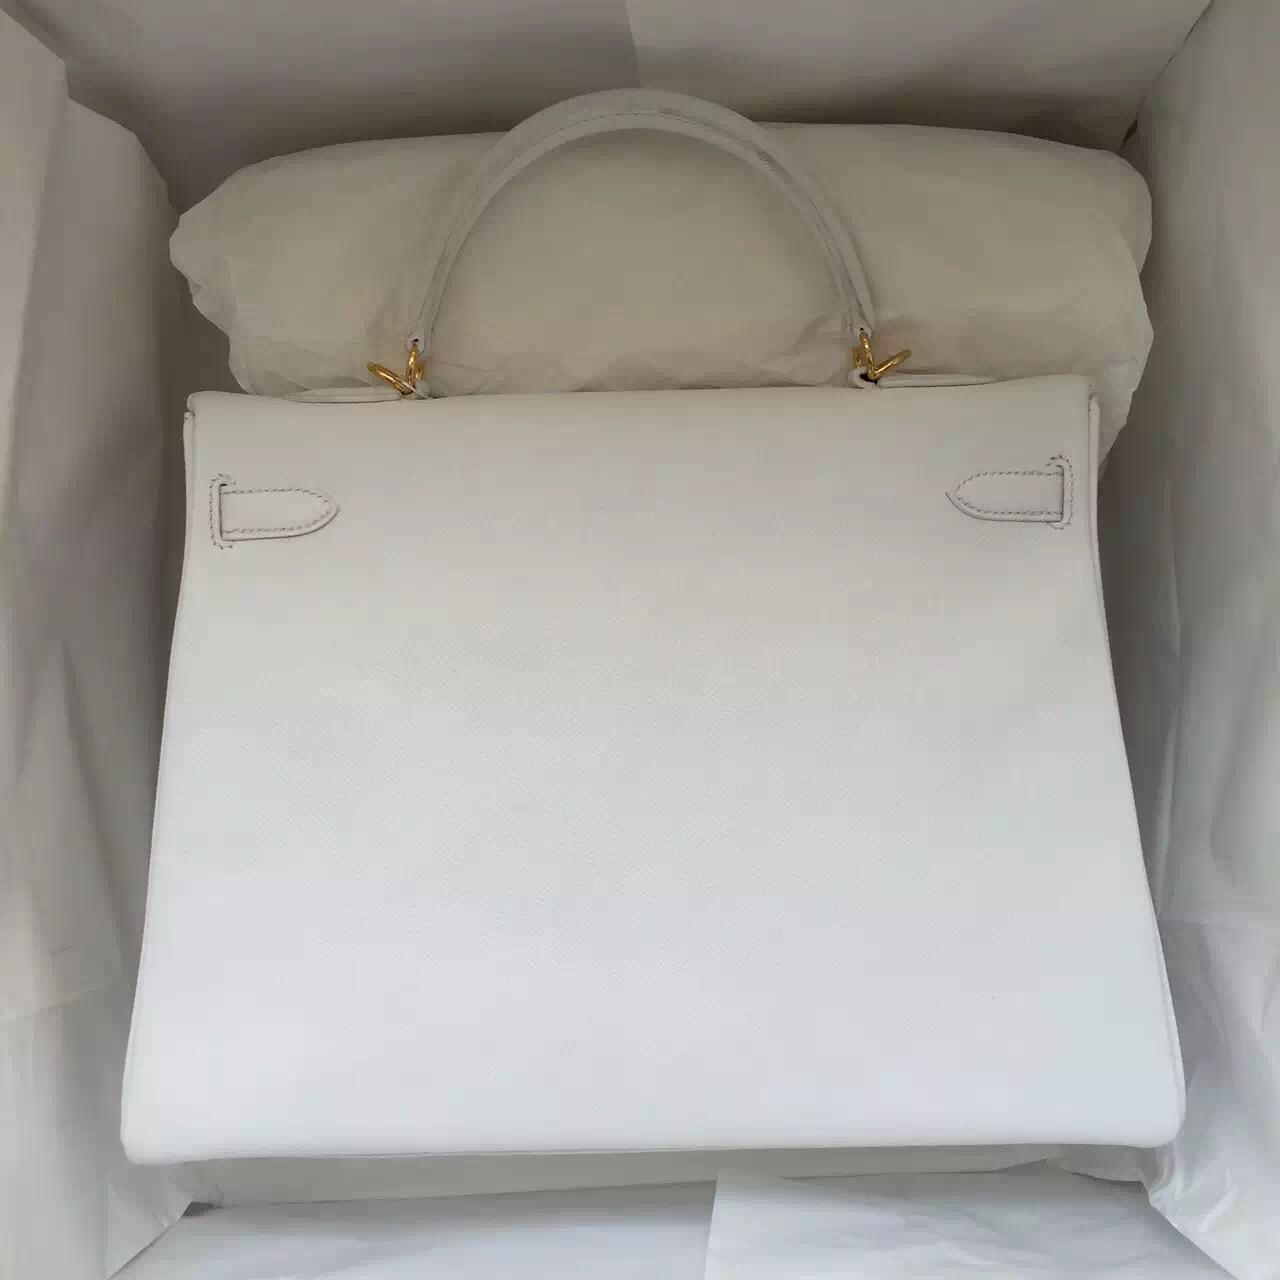 Hermes White Epsom Calfskin Leather Kelly Bag 35CM Retourne Gold Hardware